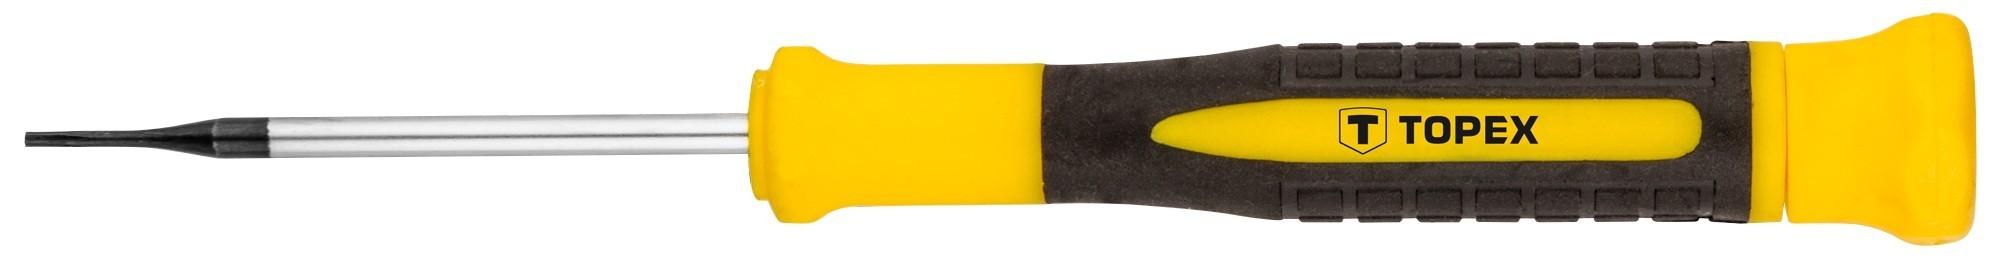 Mûszerész csavarhúzó T5 x 135 mm | TOPEX 39D775